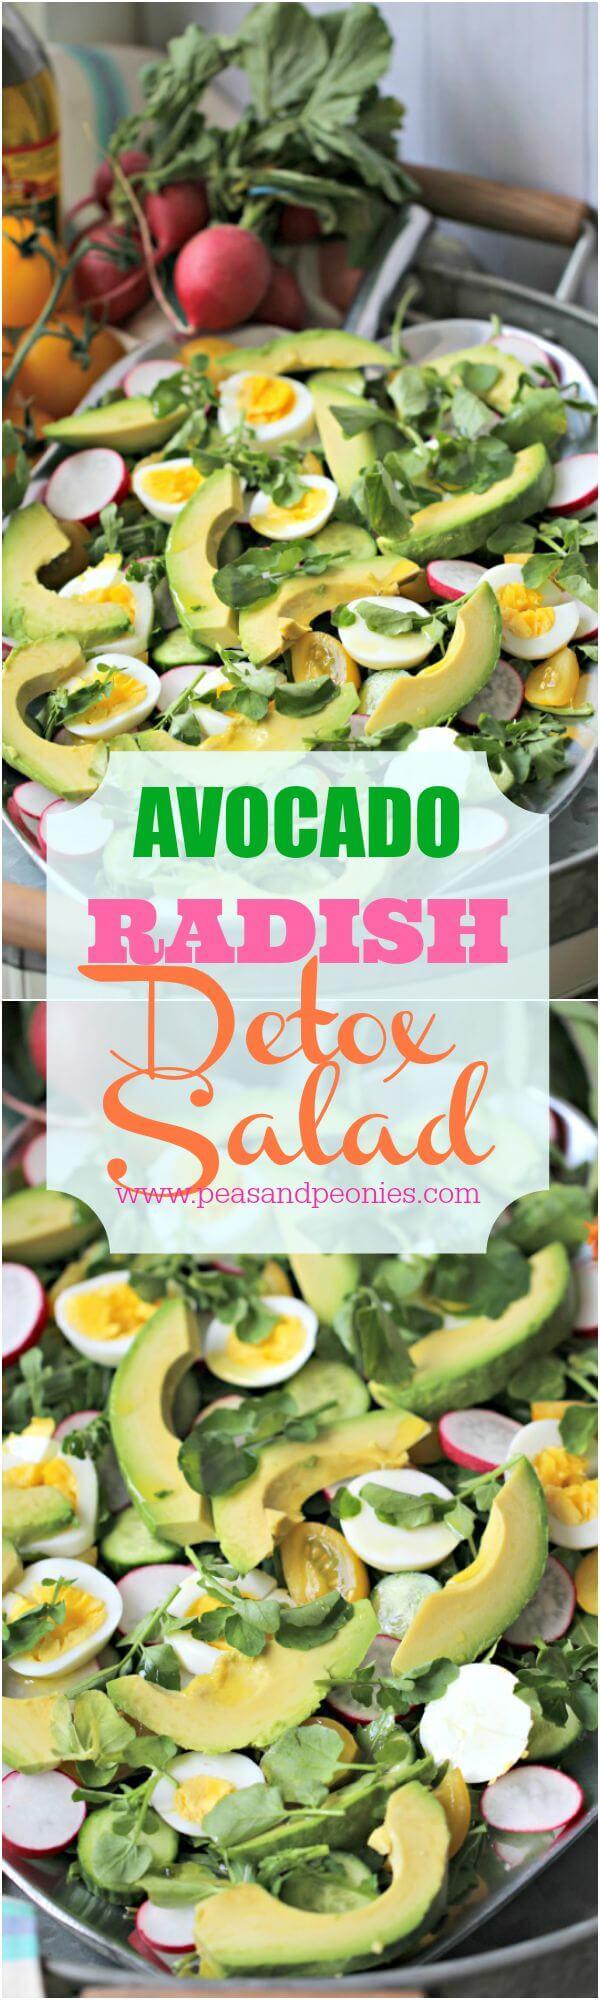 Avocado Radish Detox Salad Pin